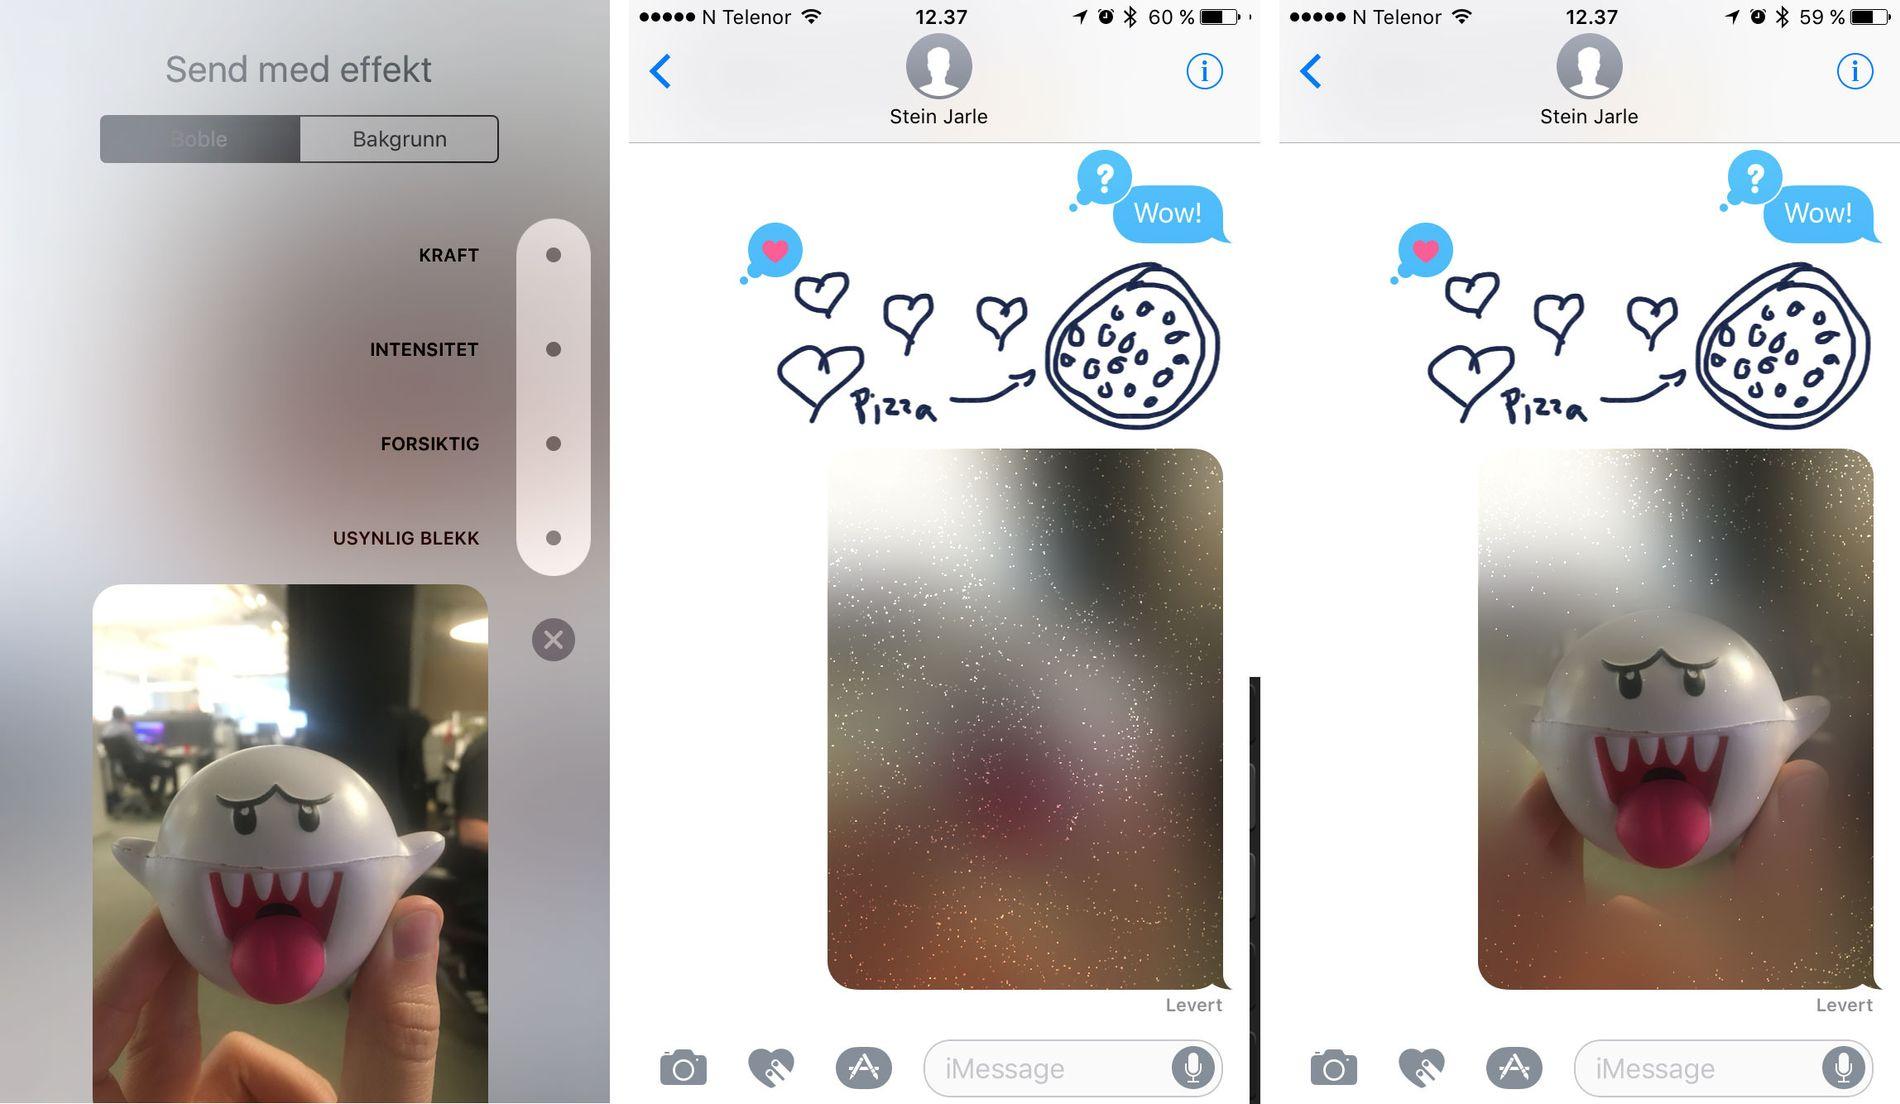 MELDINGER: Meldinger-appen har kanskje fått den største overhalingen, med en haug av nye funksjoner og effekter. Foto: Skjermdump